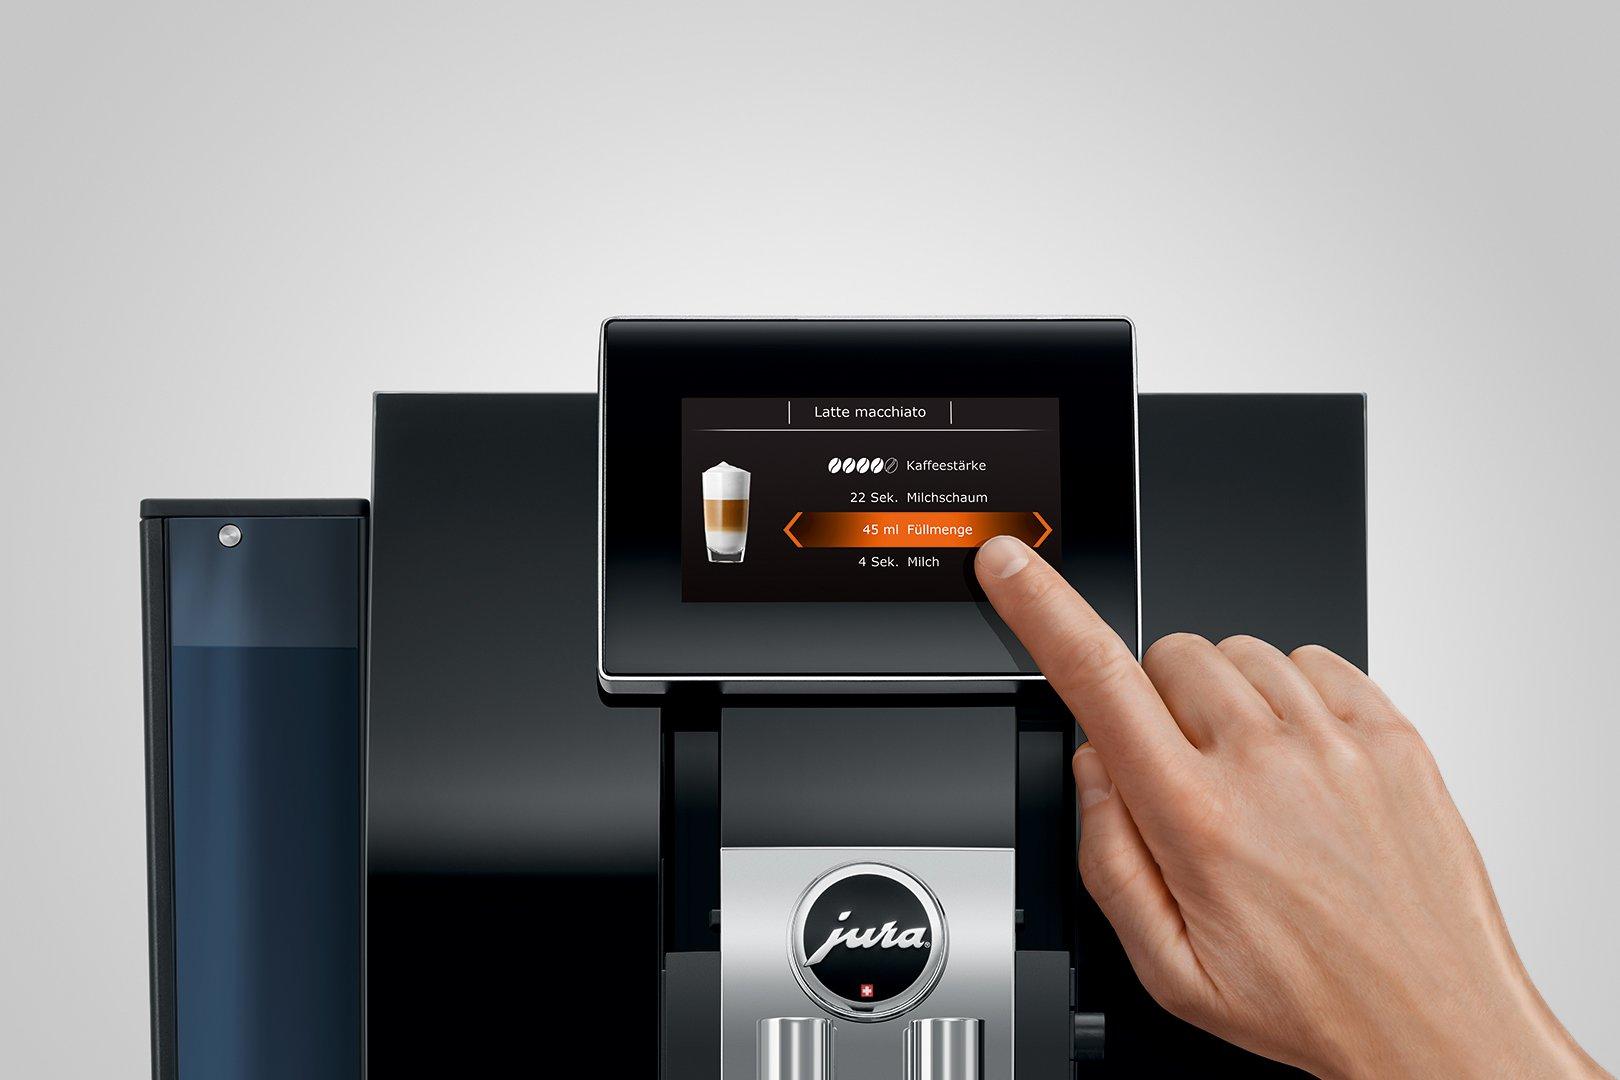 Приготовление кофе нажатием одной кнопки